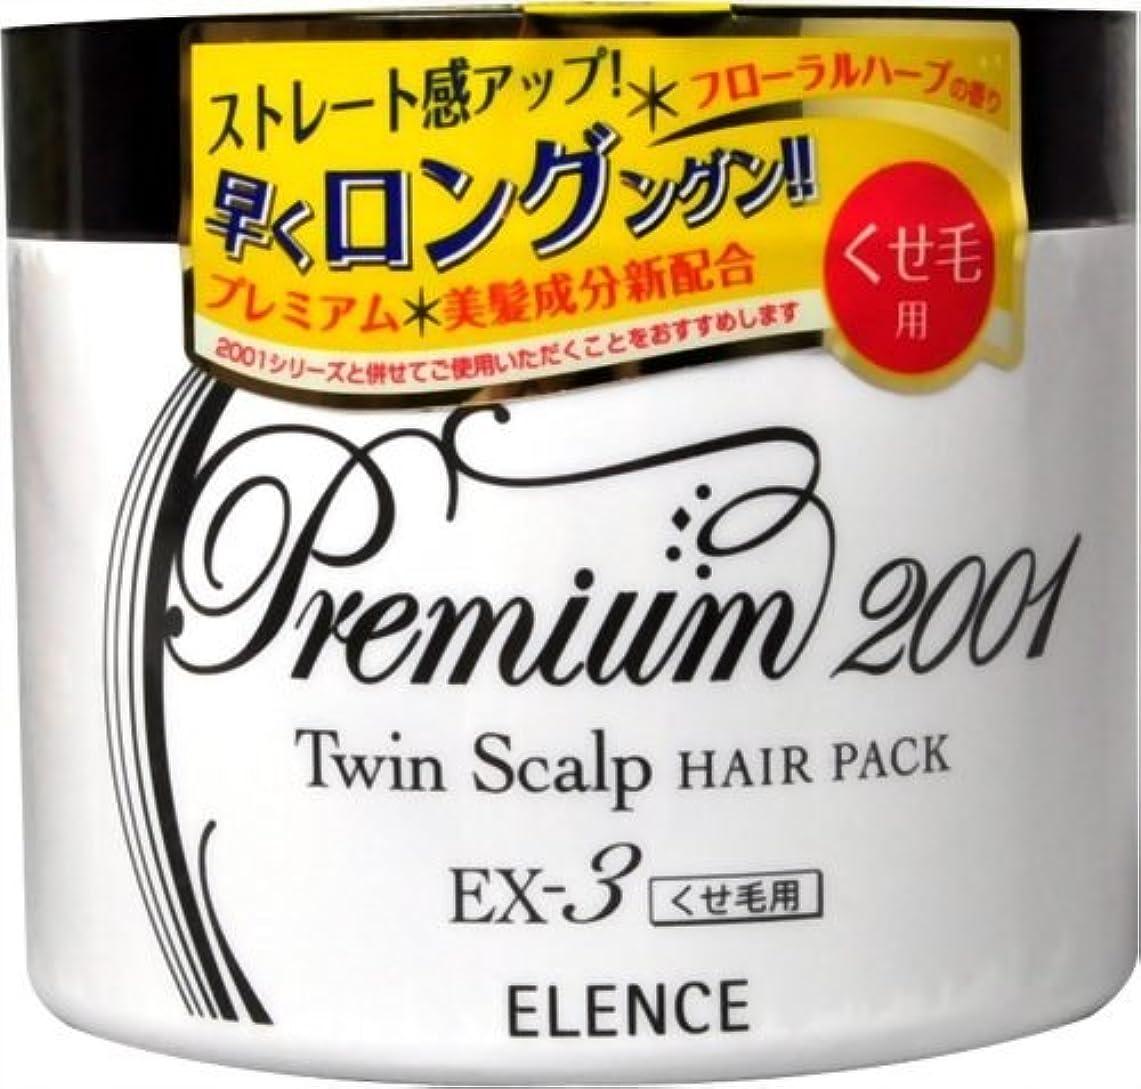 エコーどこか休憩エレンス2001 ツインスキャルプヘアパックEX-3(くせ毛用)